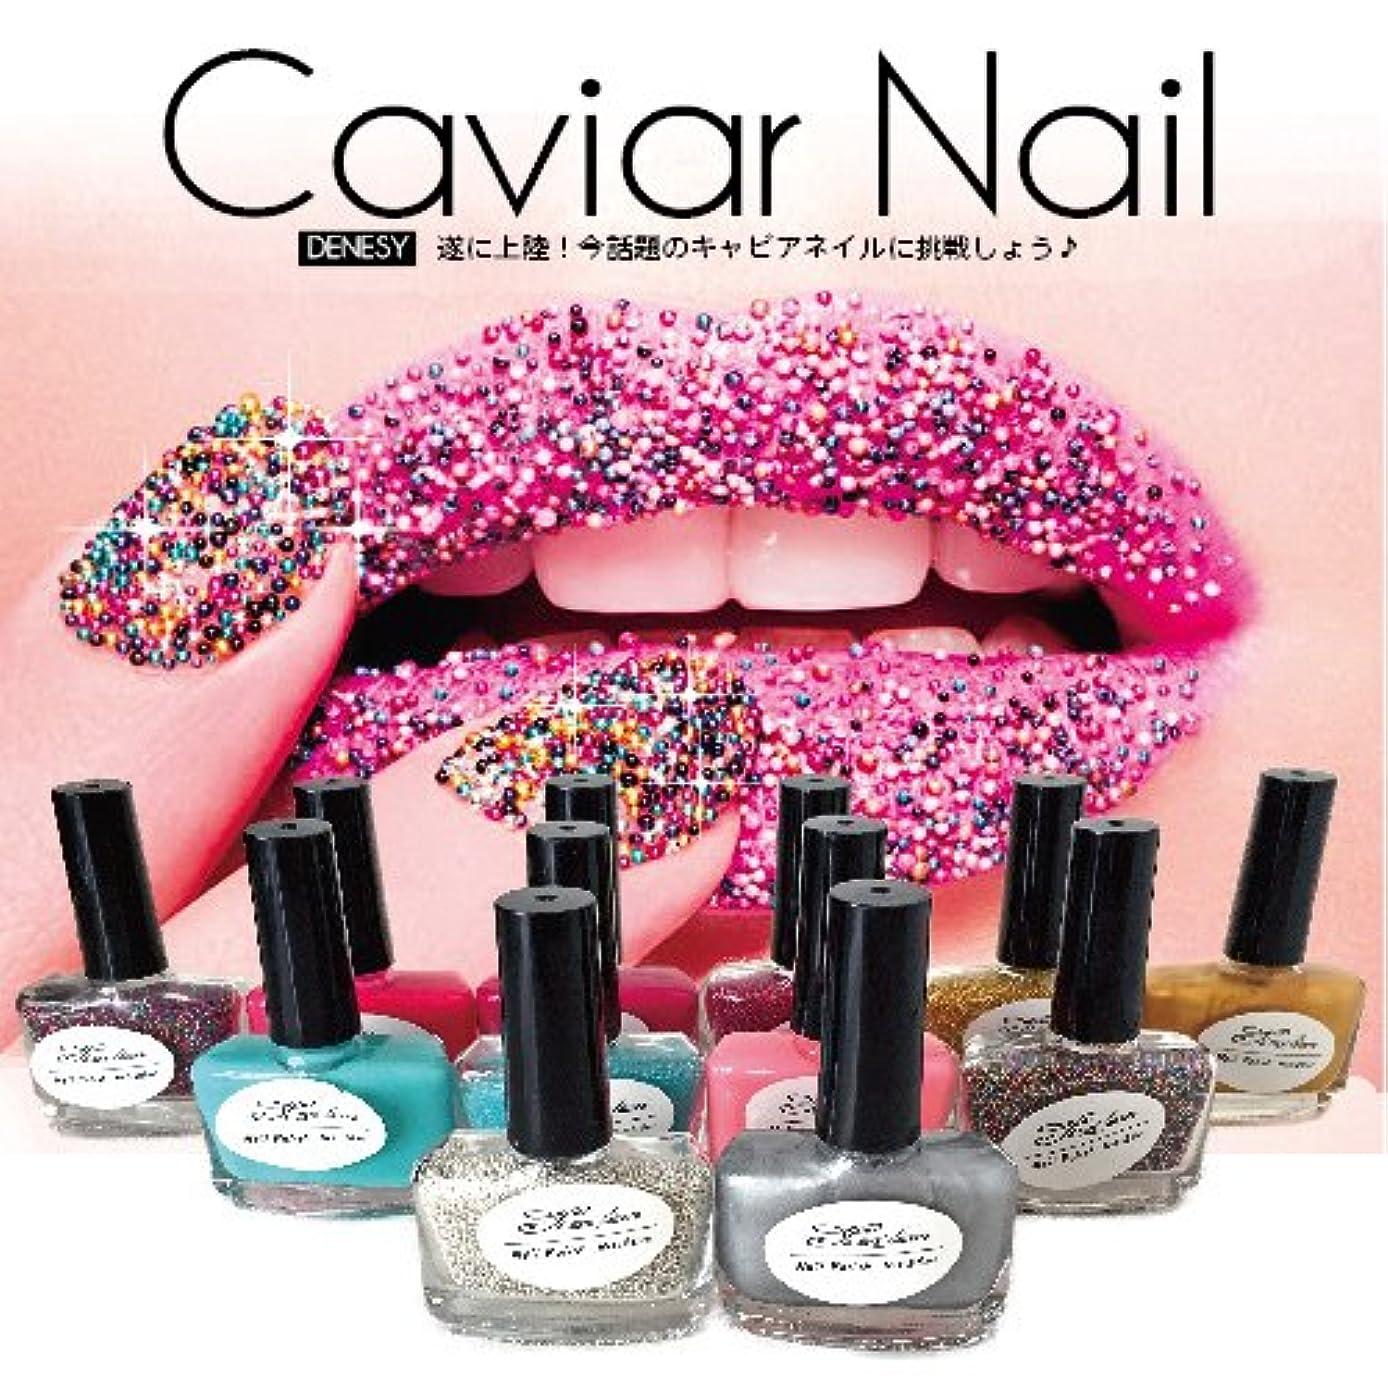 乗算望まない船乗りキャビアネイル DENESY Caviar Nail (3点セット)NEWリニューアル 08:グリーン [マニキュア ネイルカラー ネイルポリッシュ SHANTI Caviar Manicure kit]